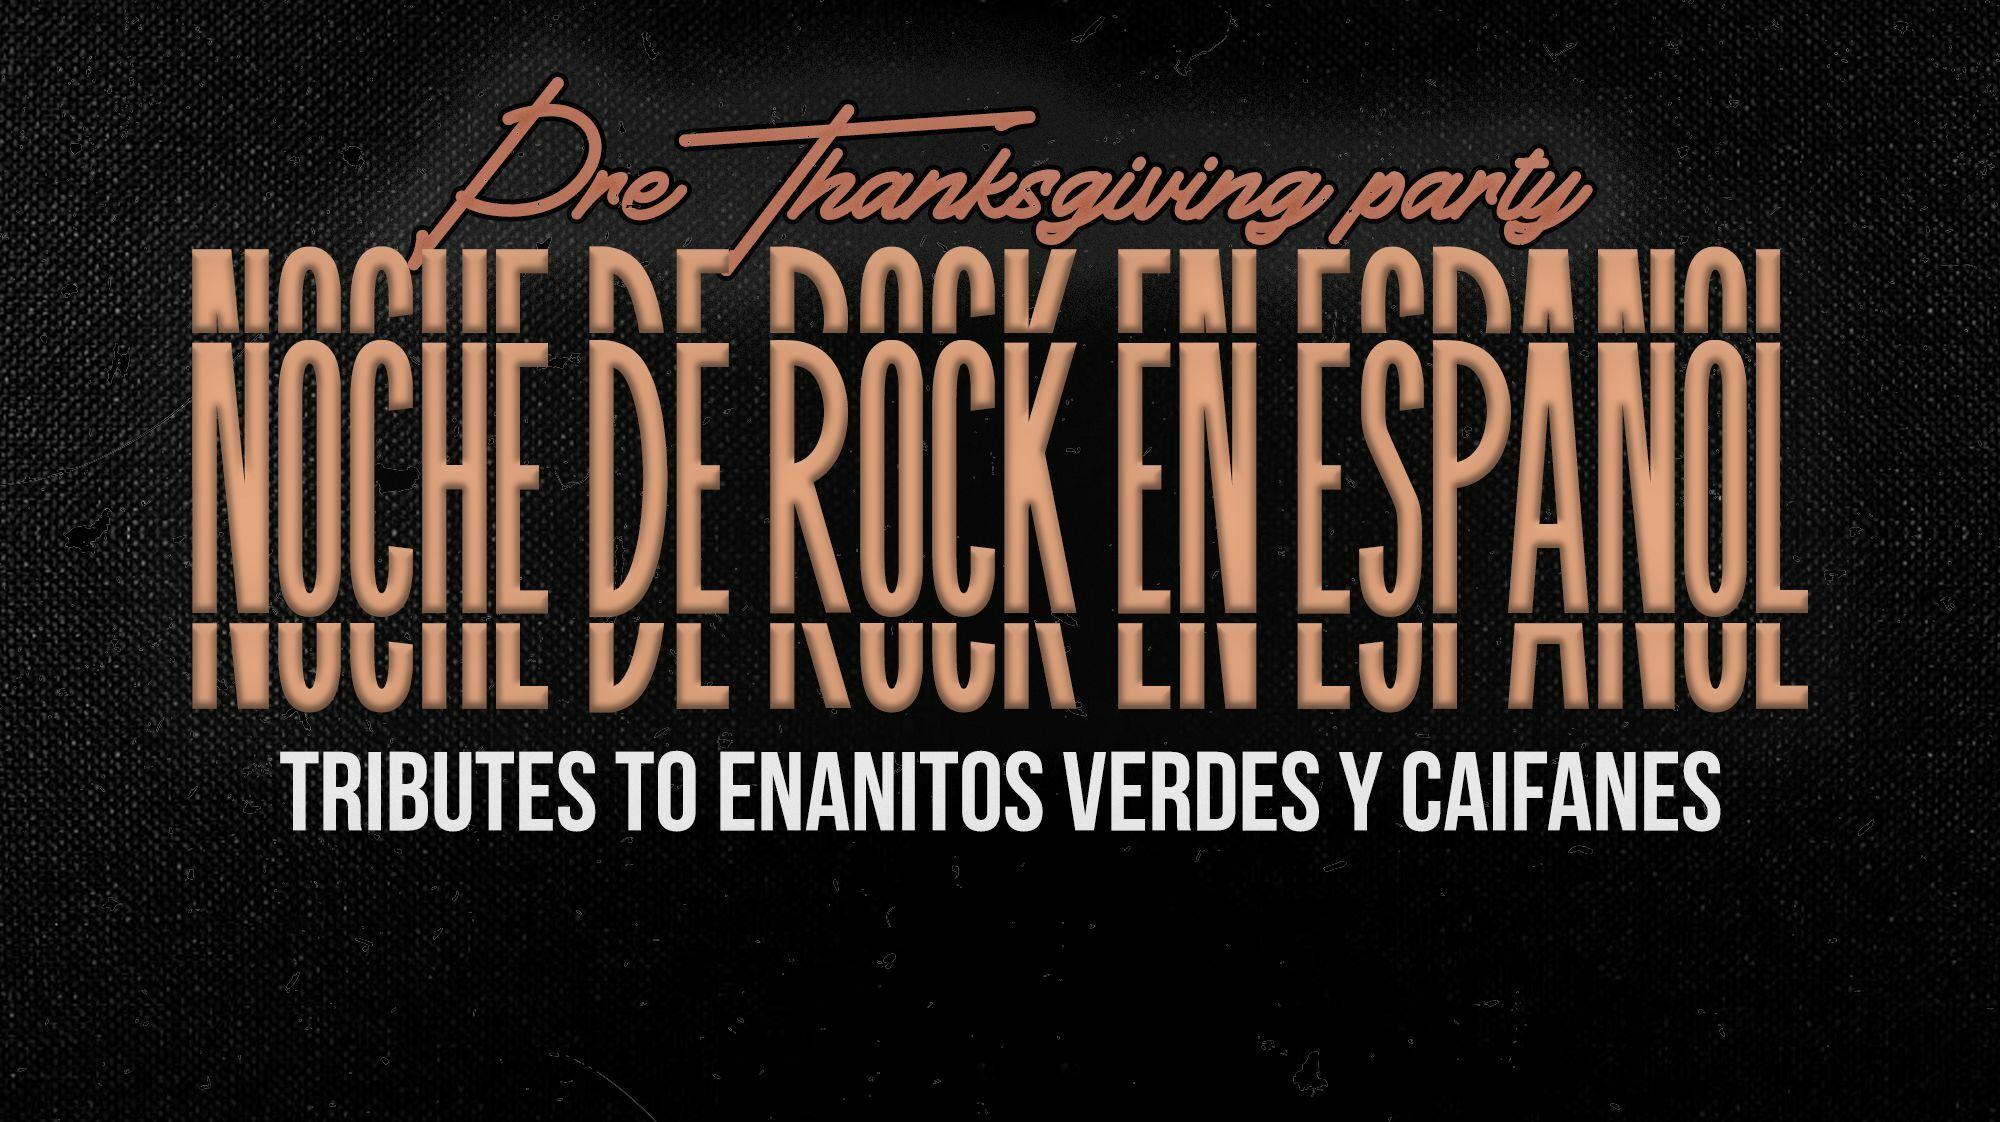 Noche de Rock en Español: Tributes to Enanitos Verdes y Caifanes